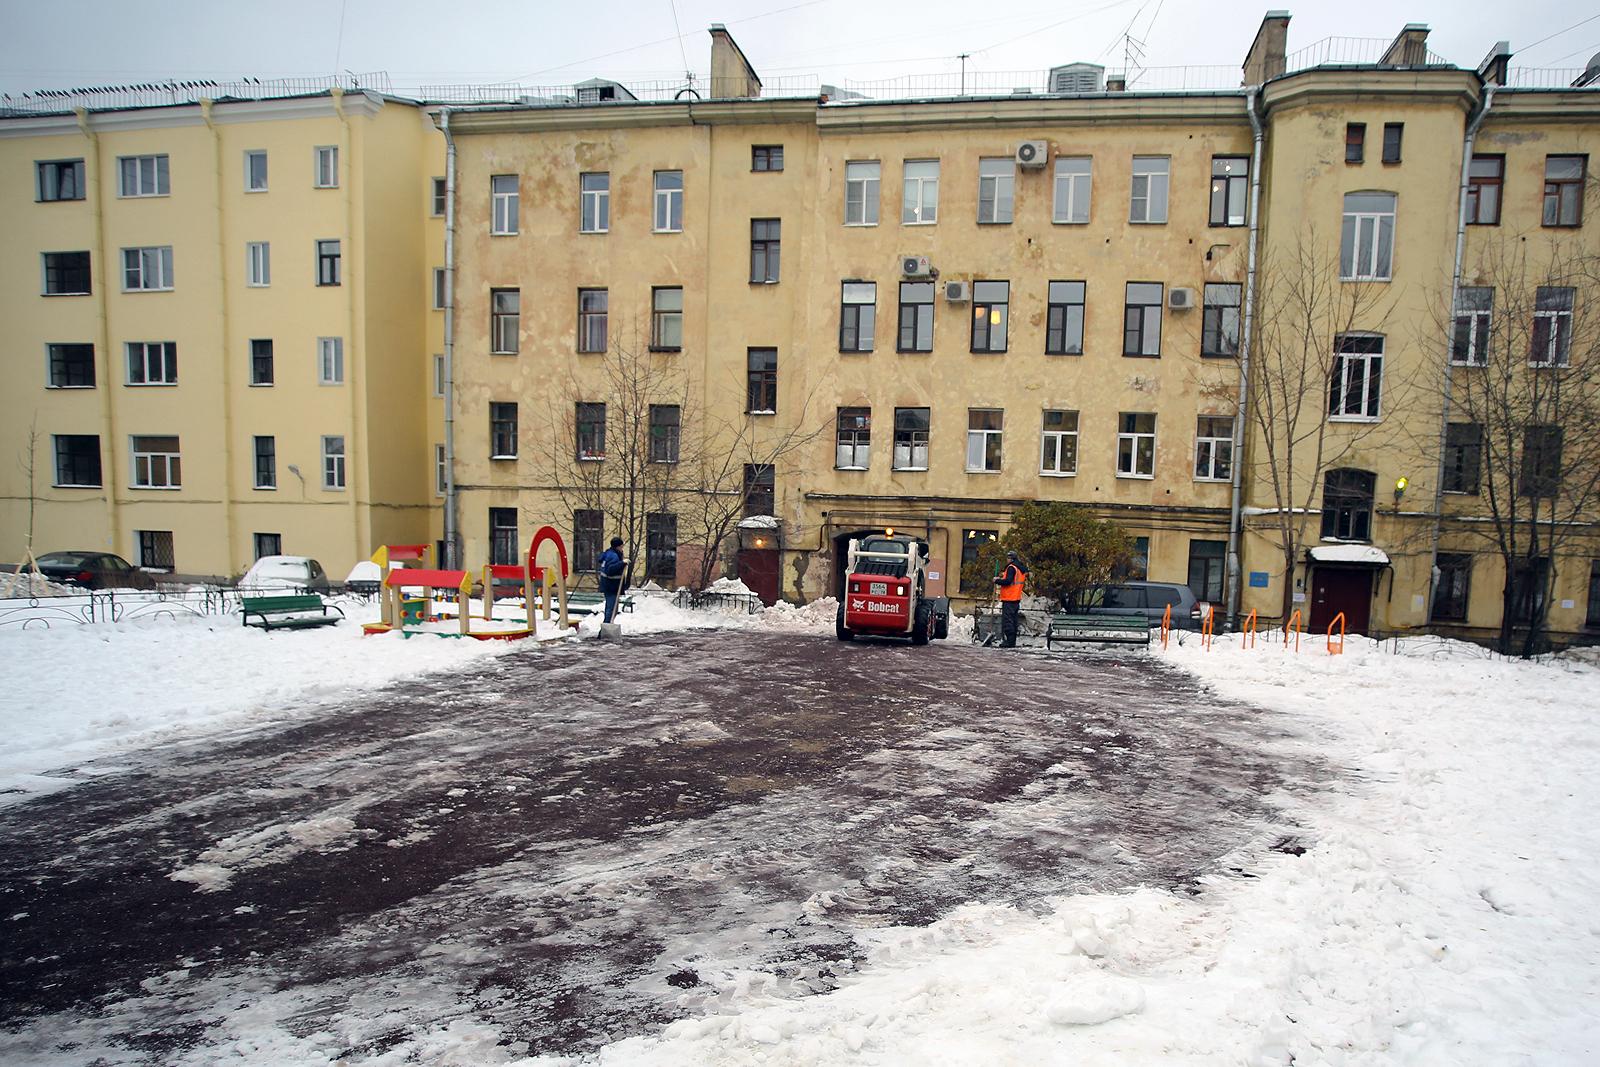 Во дворе, где произошла трагедия, рабочие убирают следы взрыва.